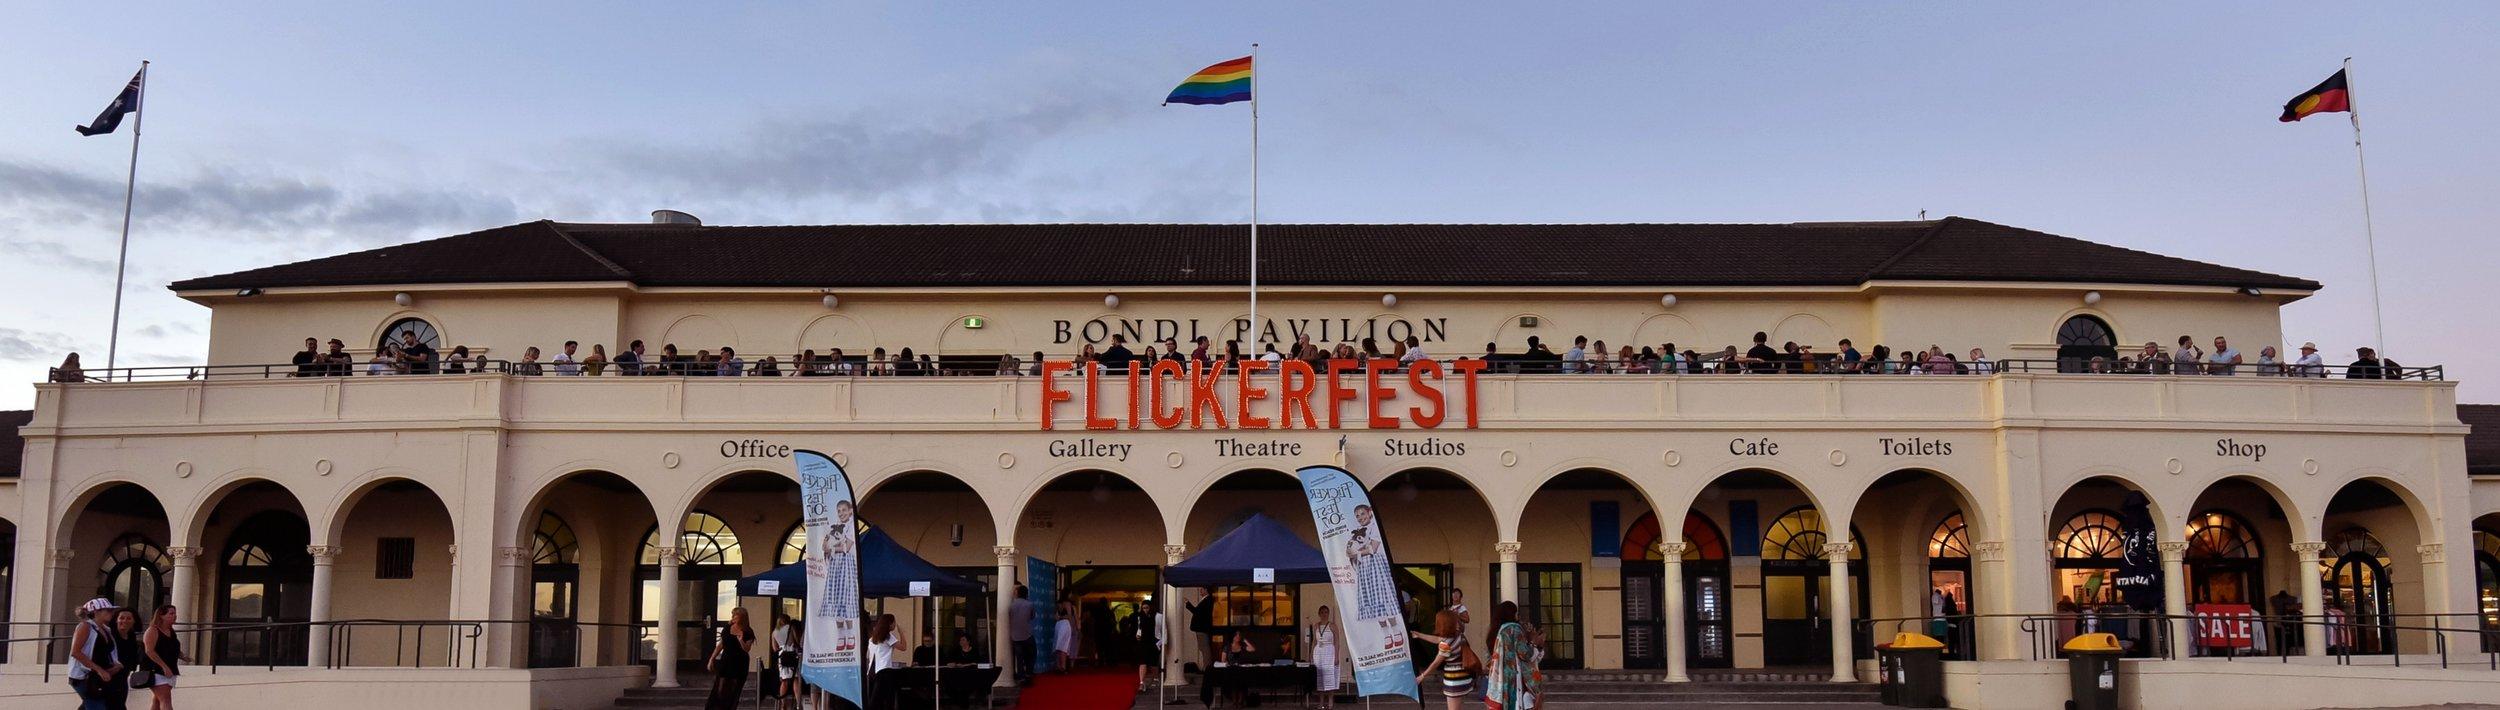 Flickerfest 2.jpg